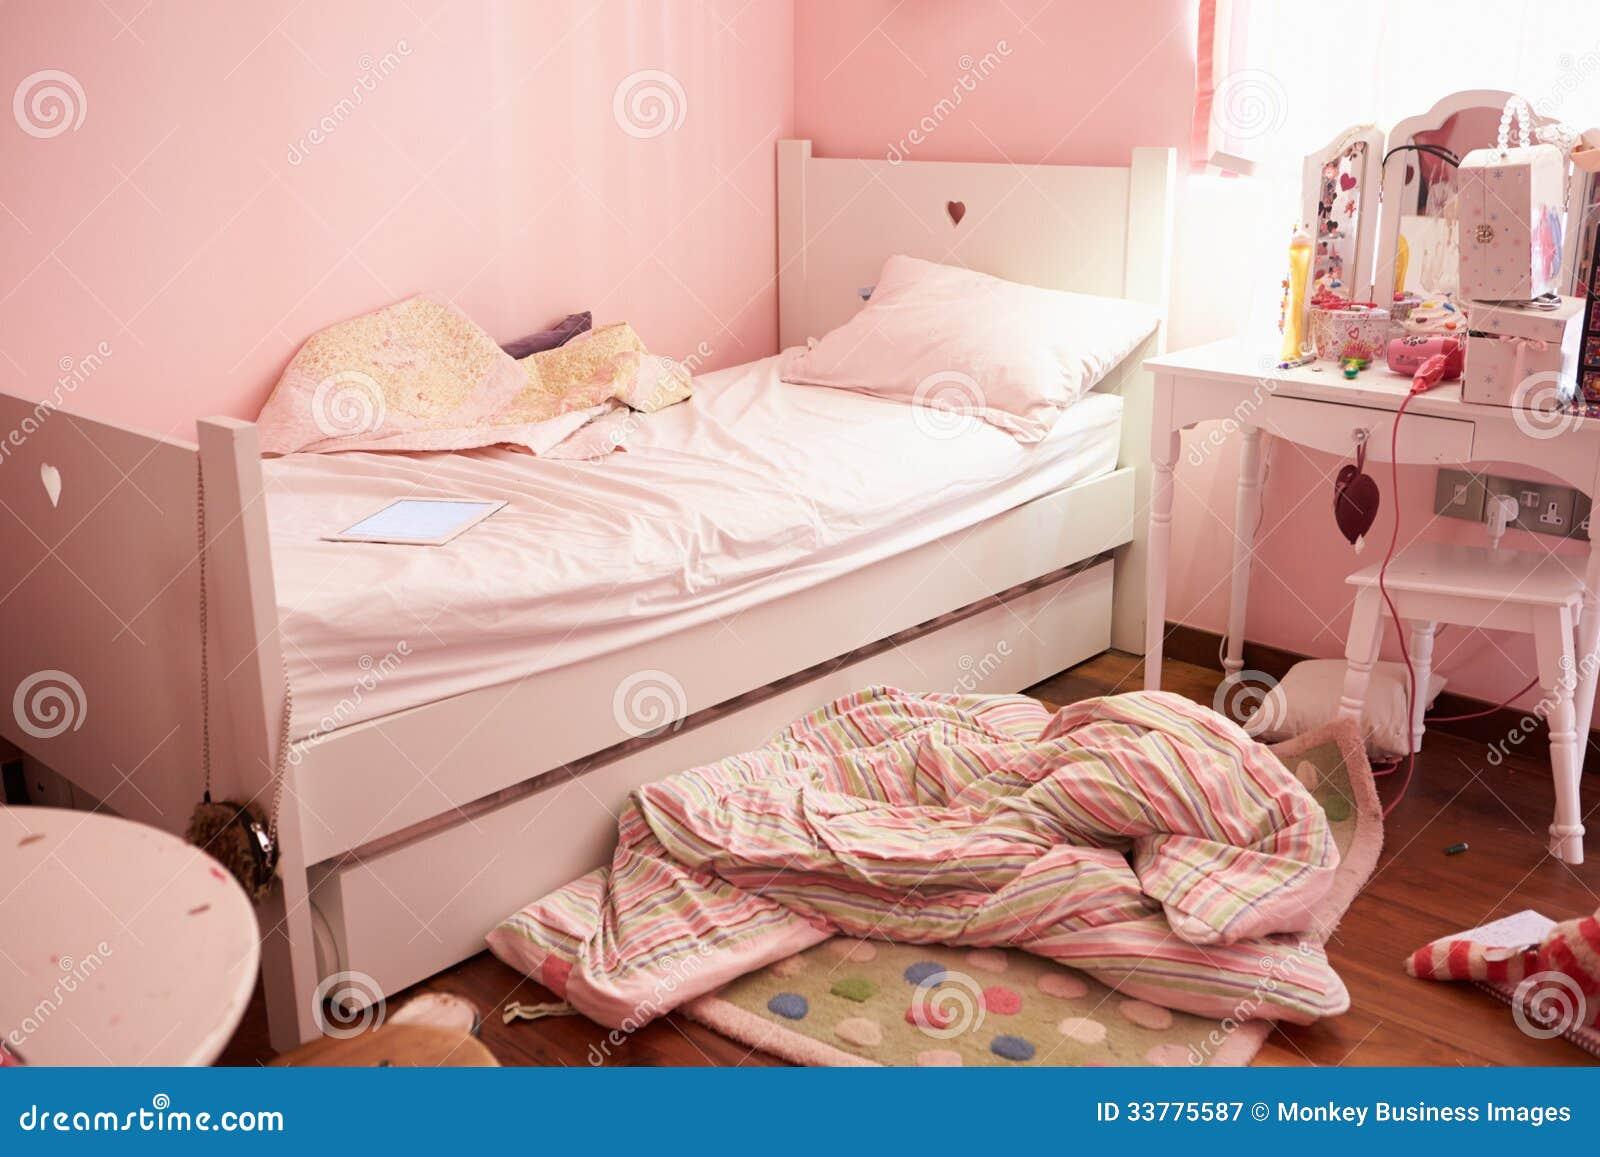 La camera da letto vuota e disordinata del bambino - Camera da letto ragazza ...